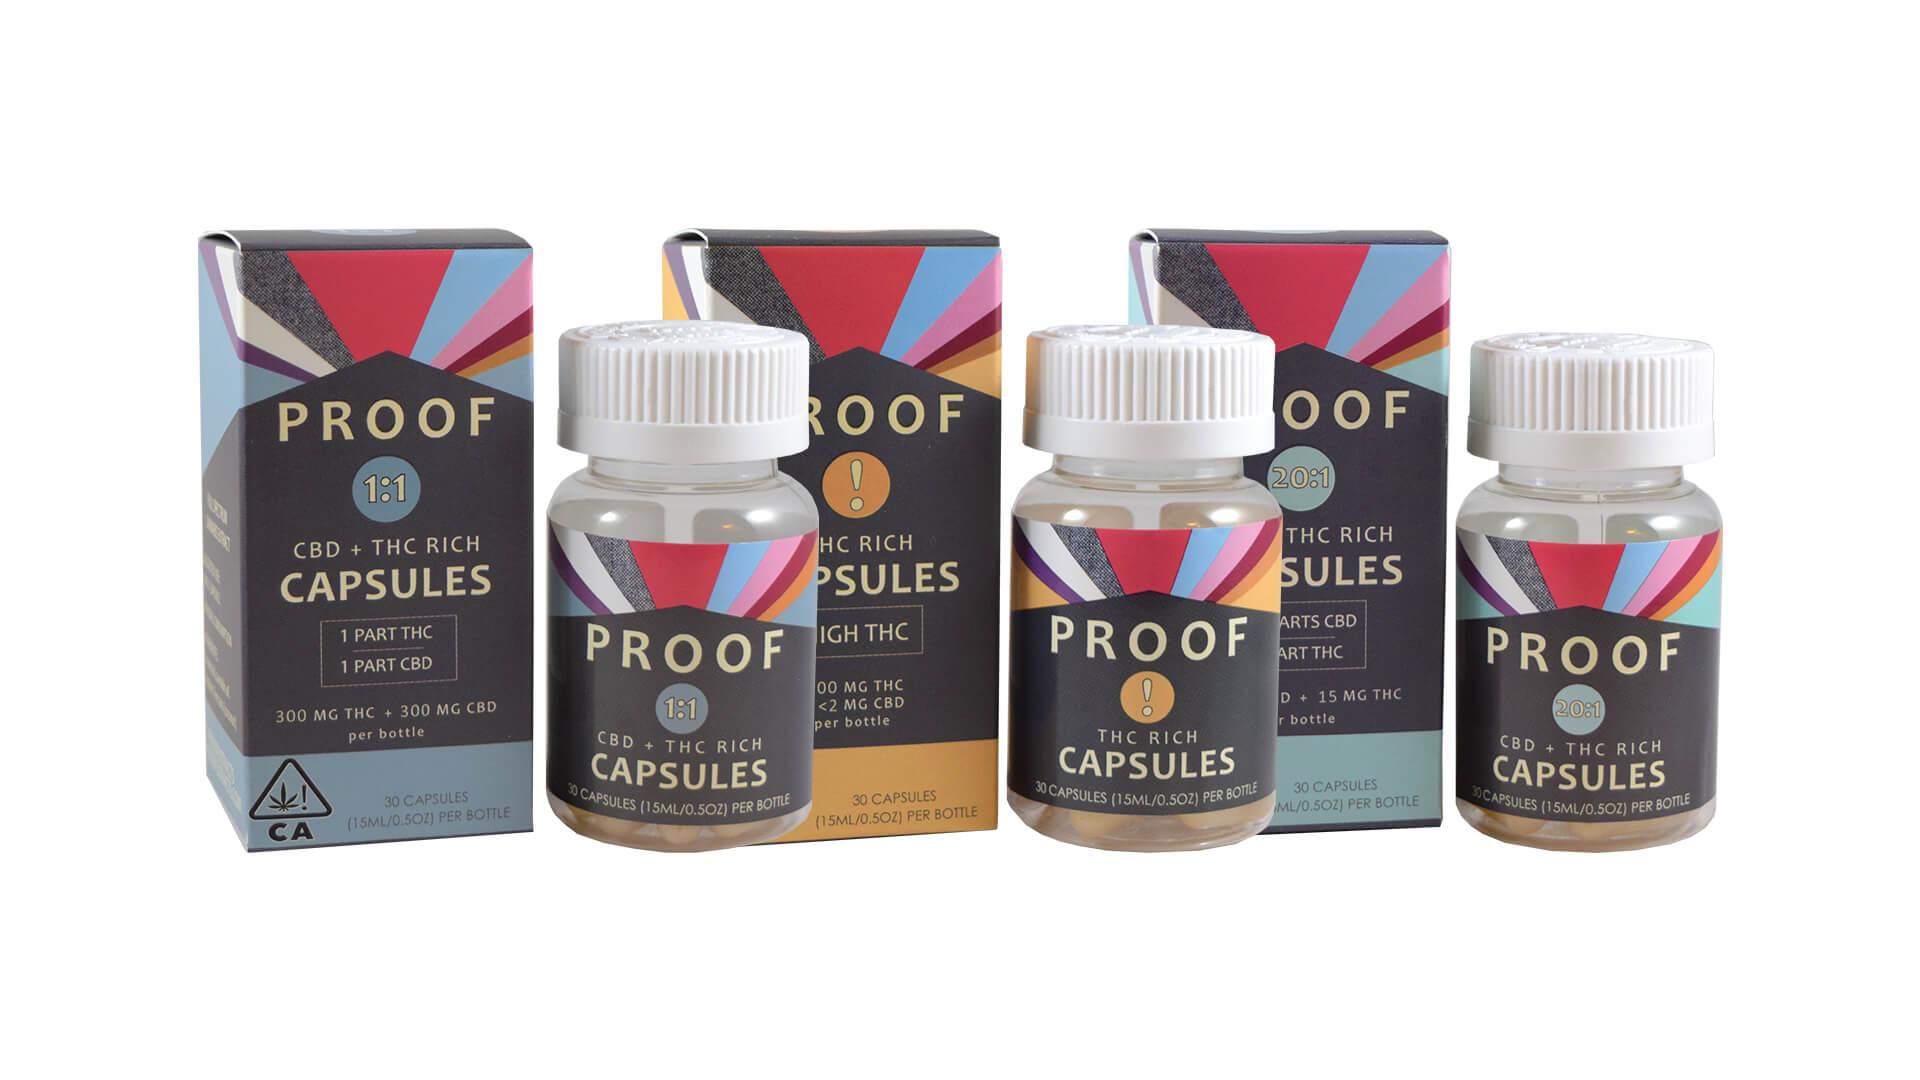 Proof capsules